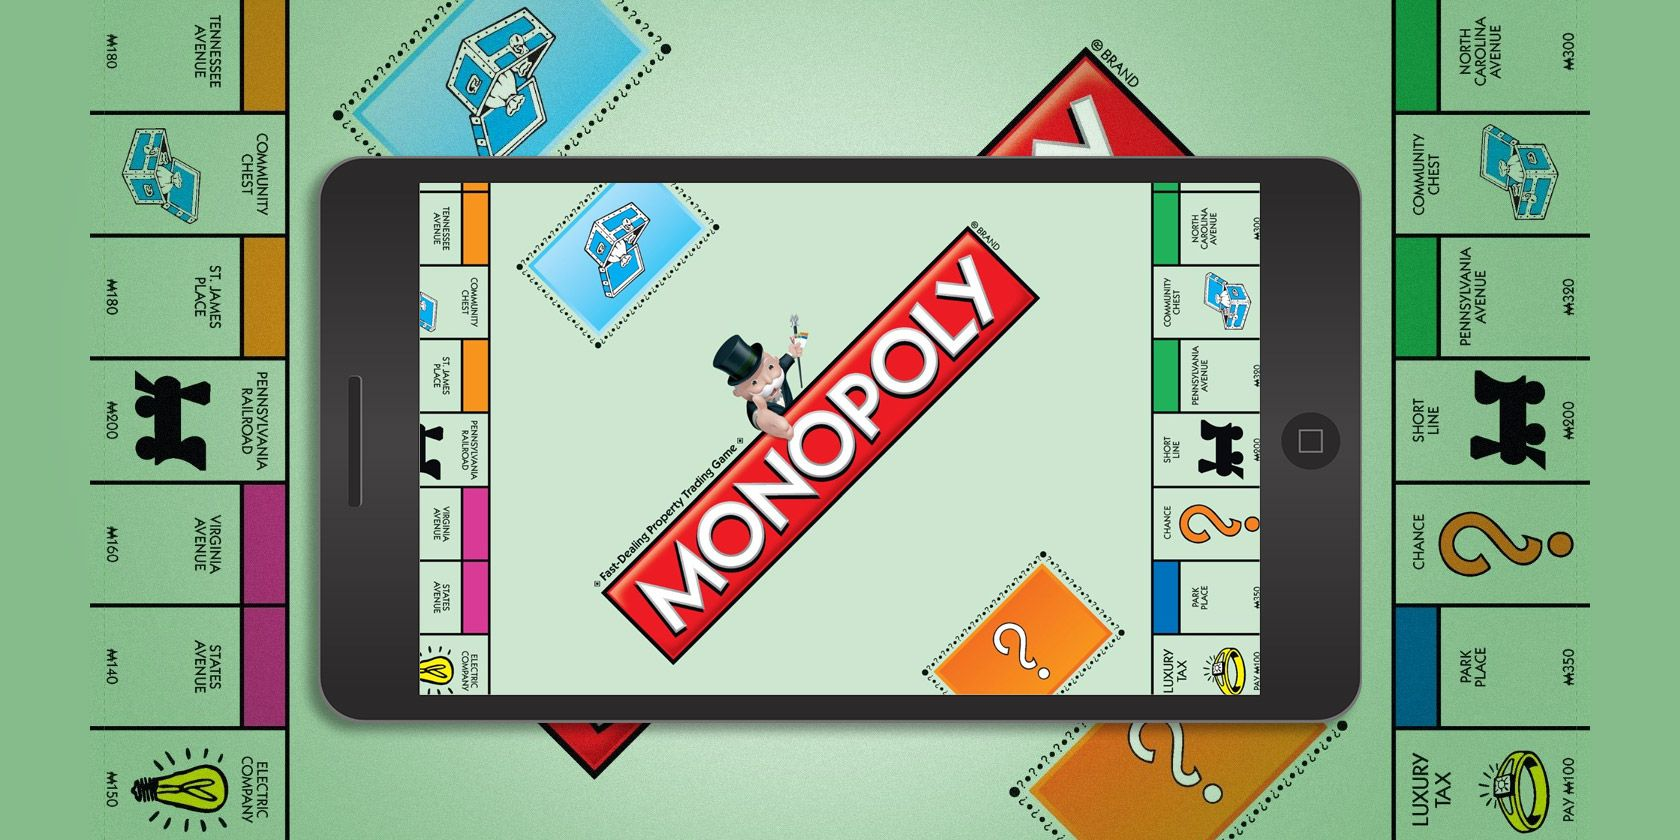 board-games-mobile